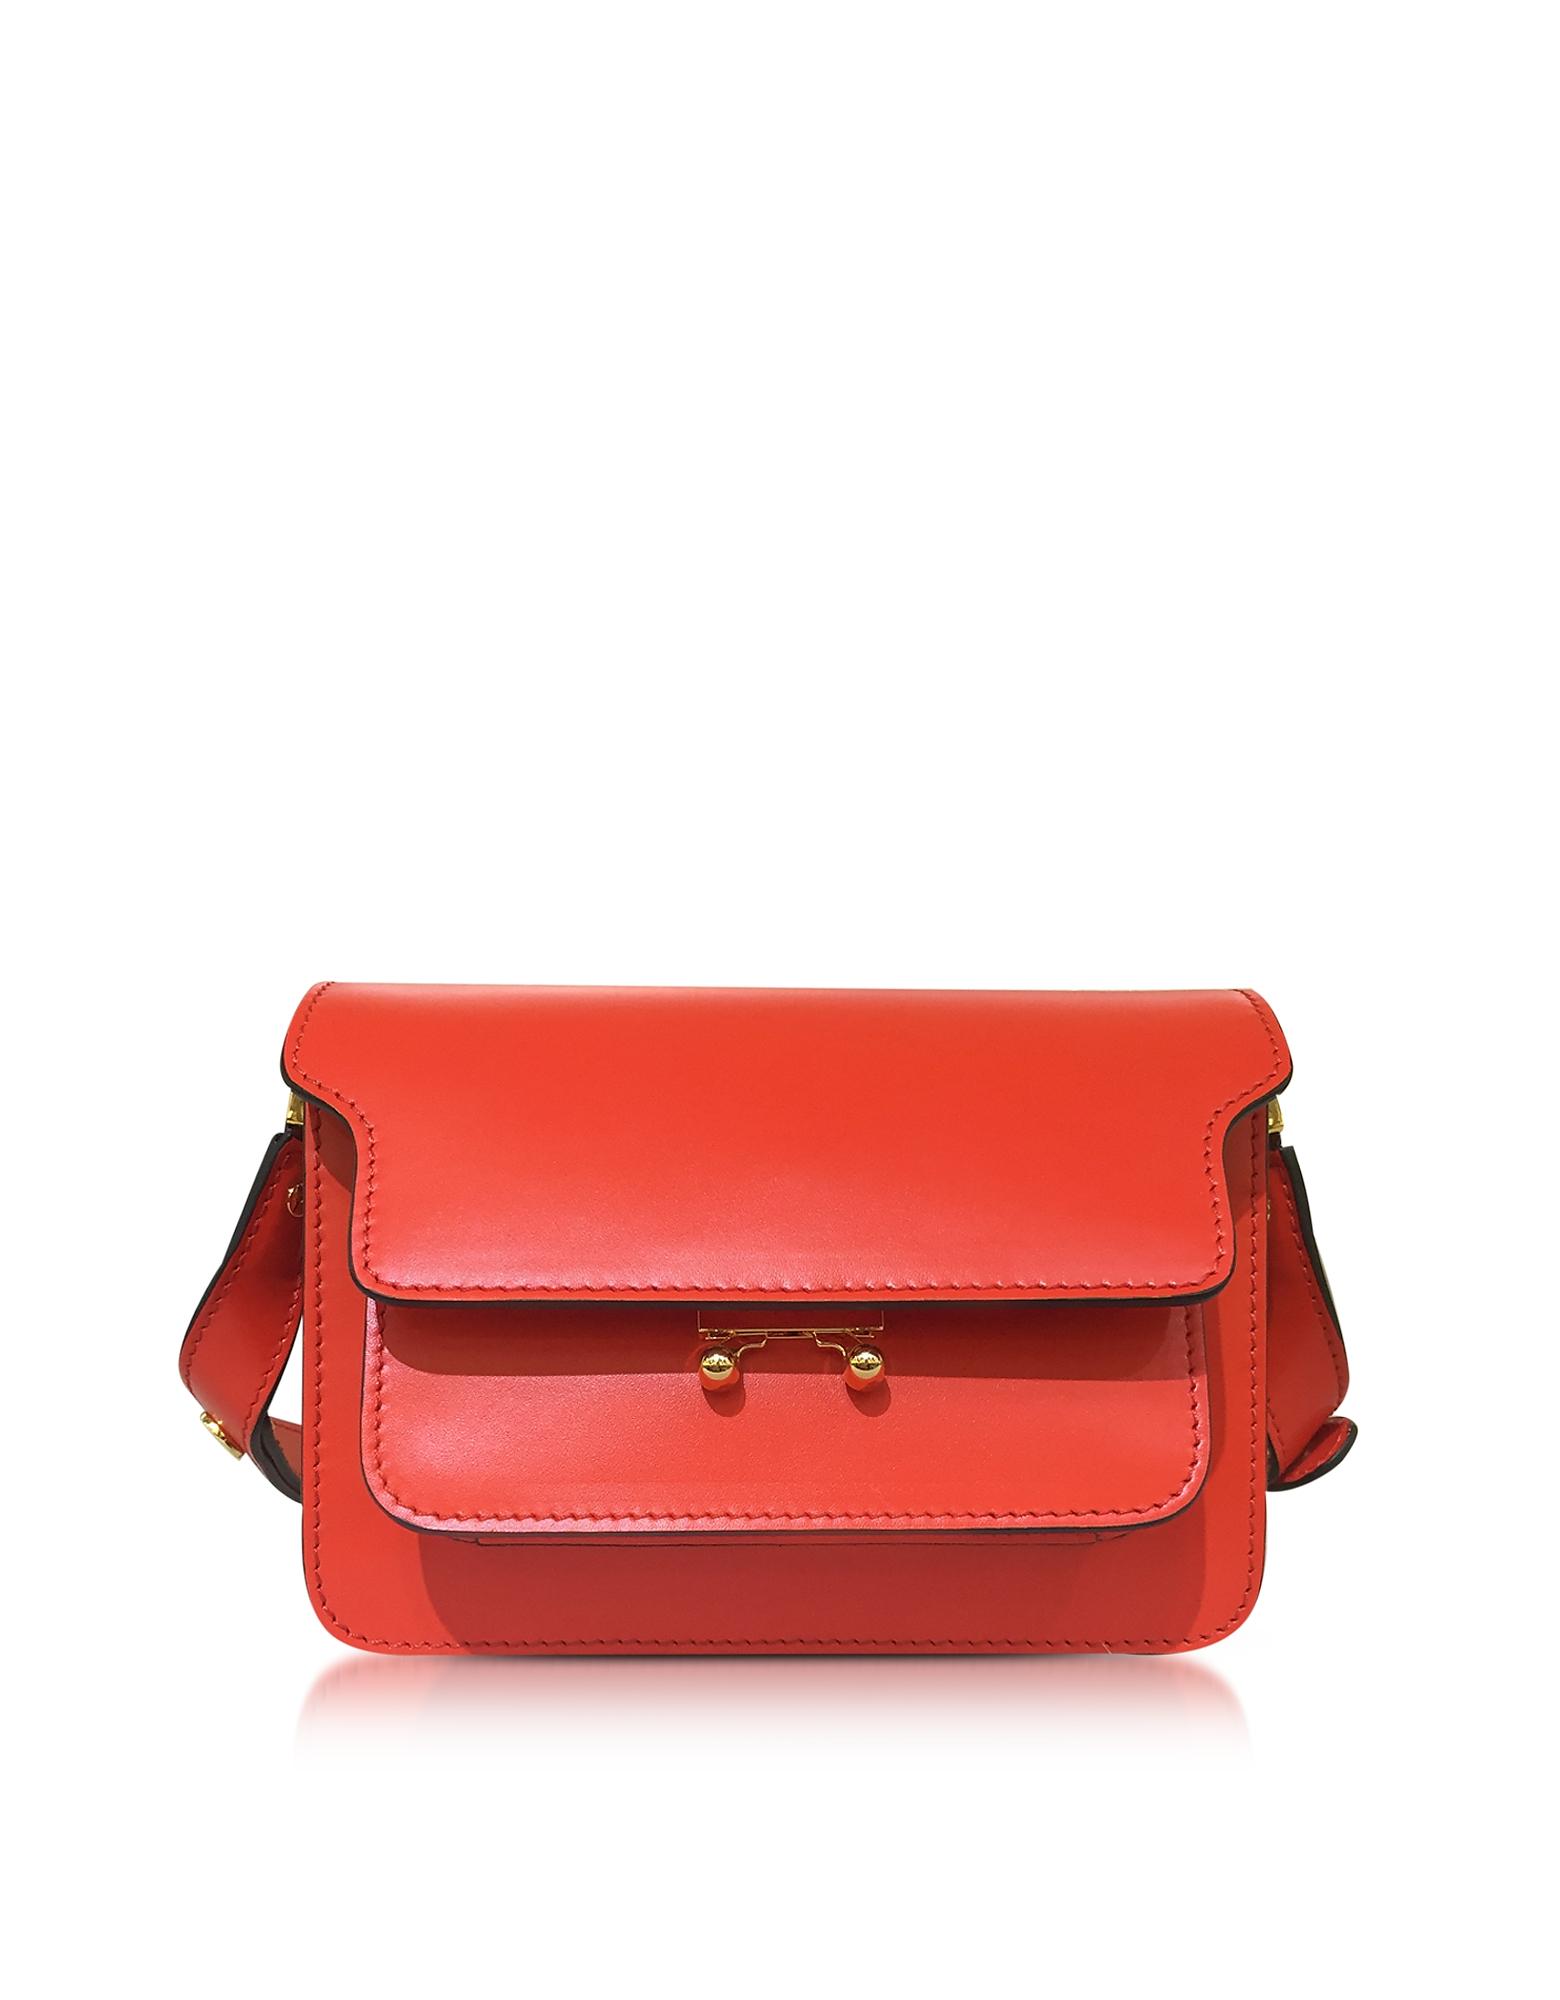 Фото Mini Trunk Bag - Маленькая Кожаная Сумка Ярко-Красного Цвета. Купить с доставкой